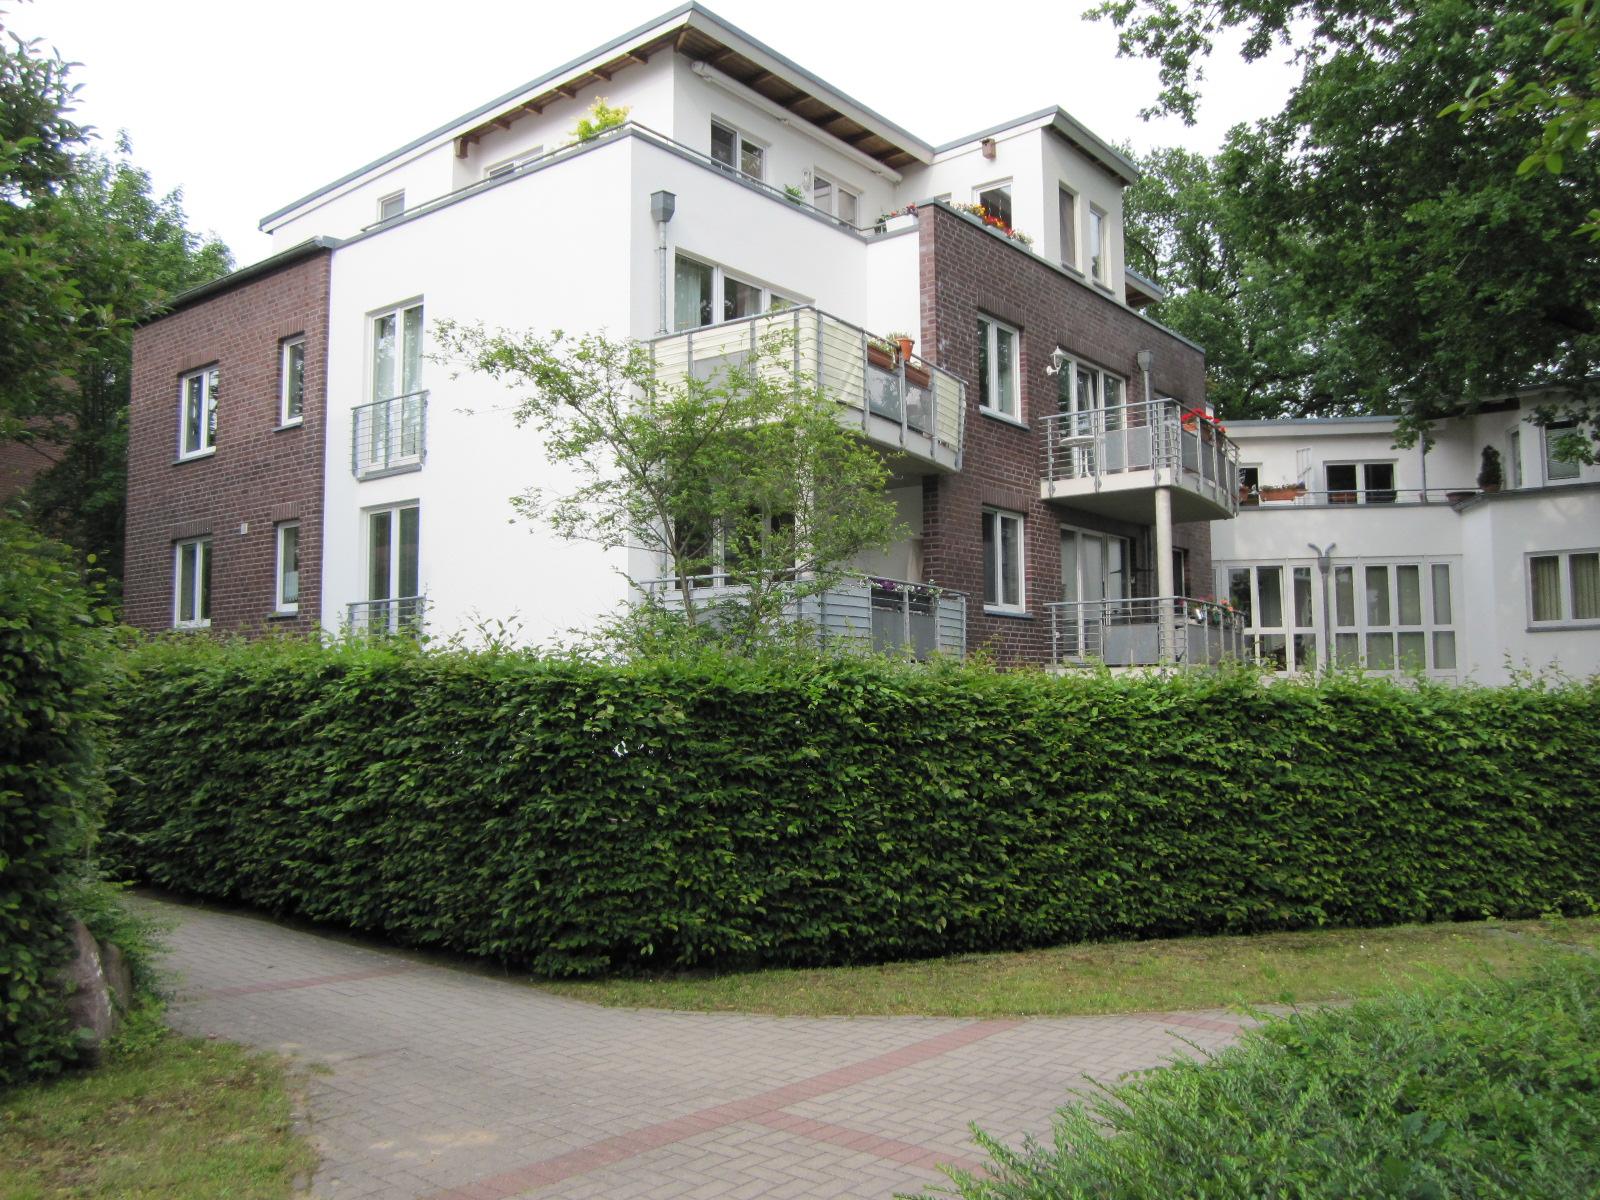 Eigentumswohnung HH-Hummelsbüttel